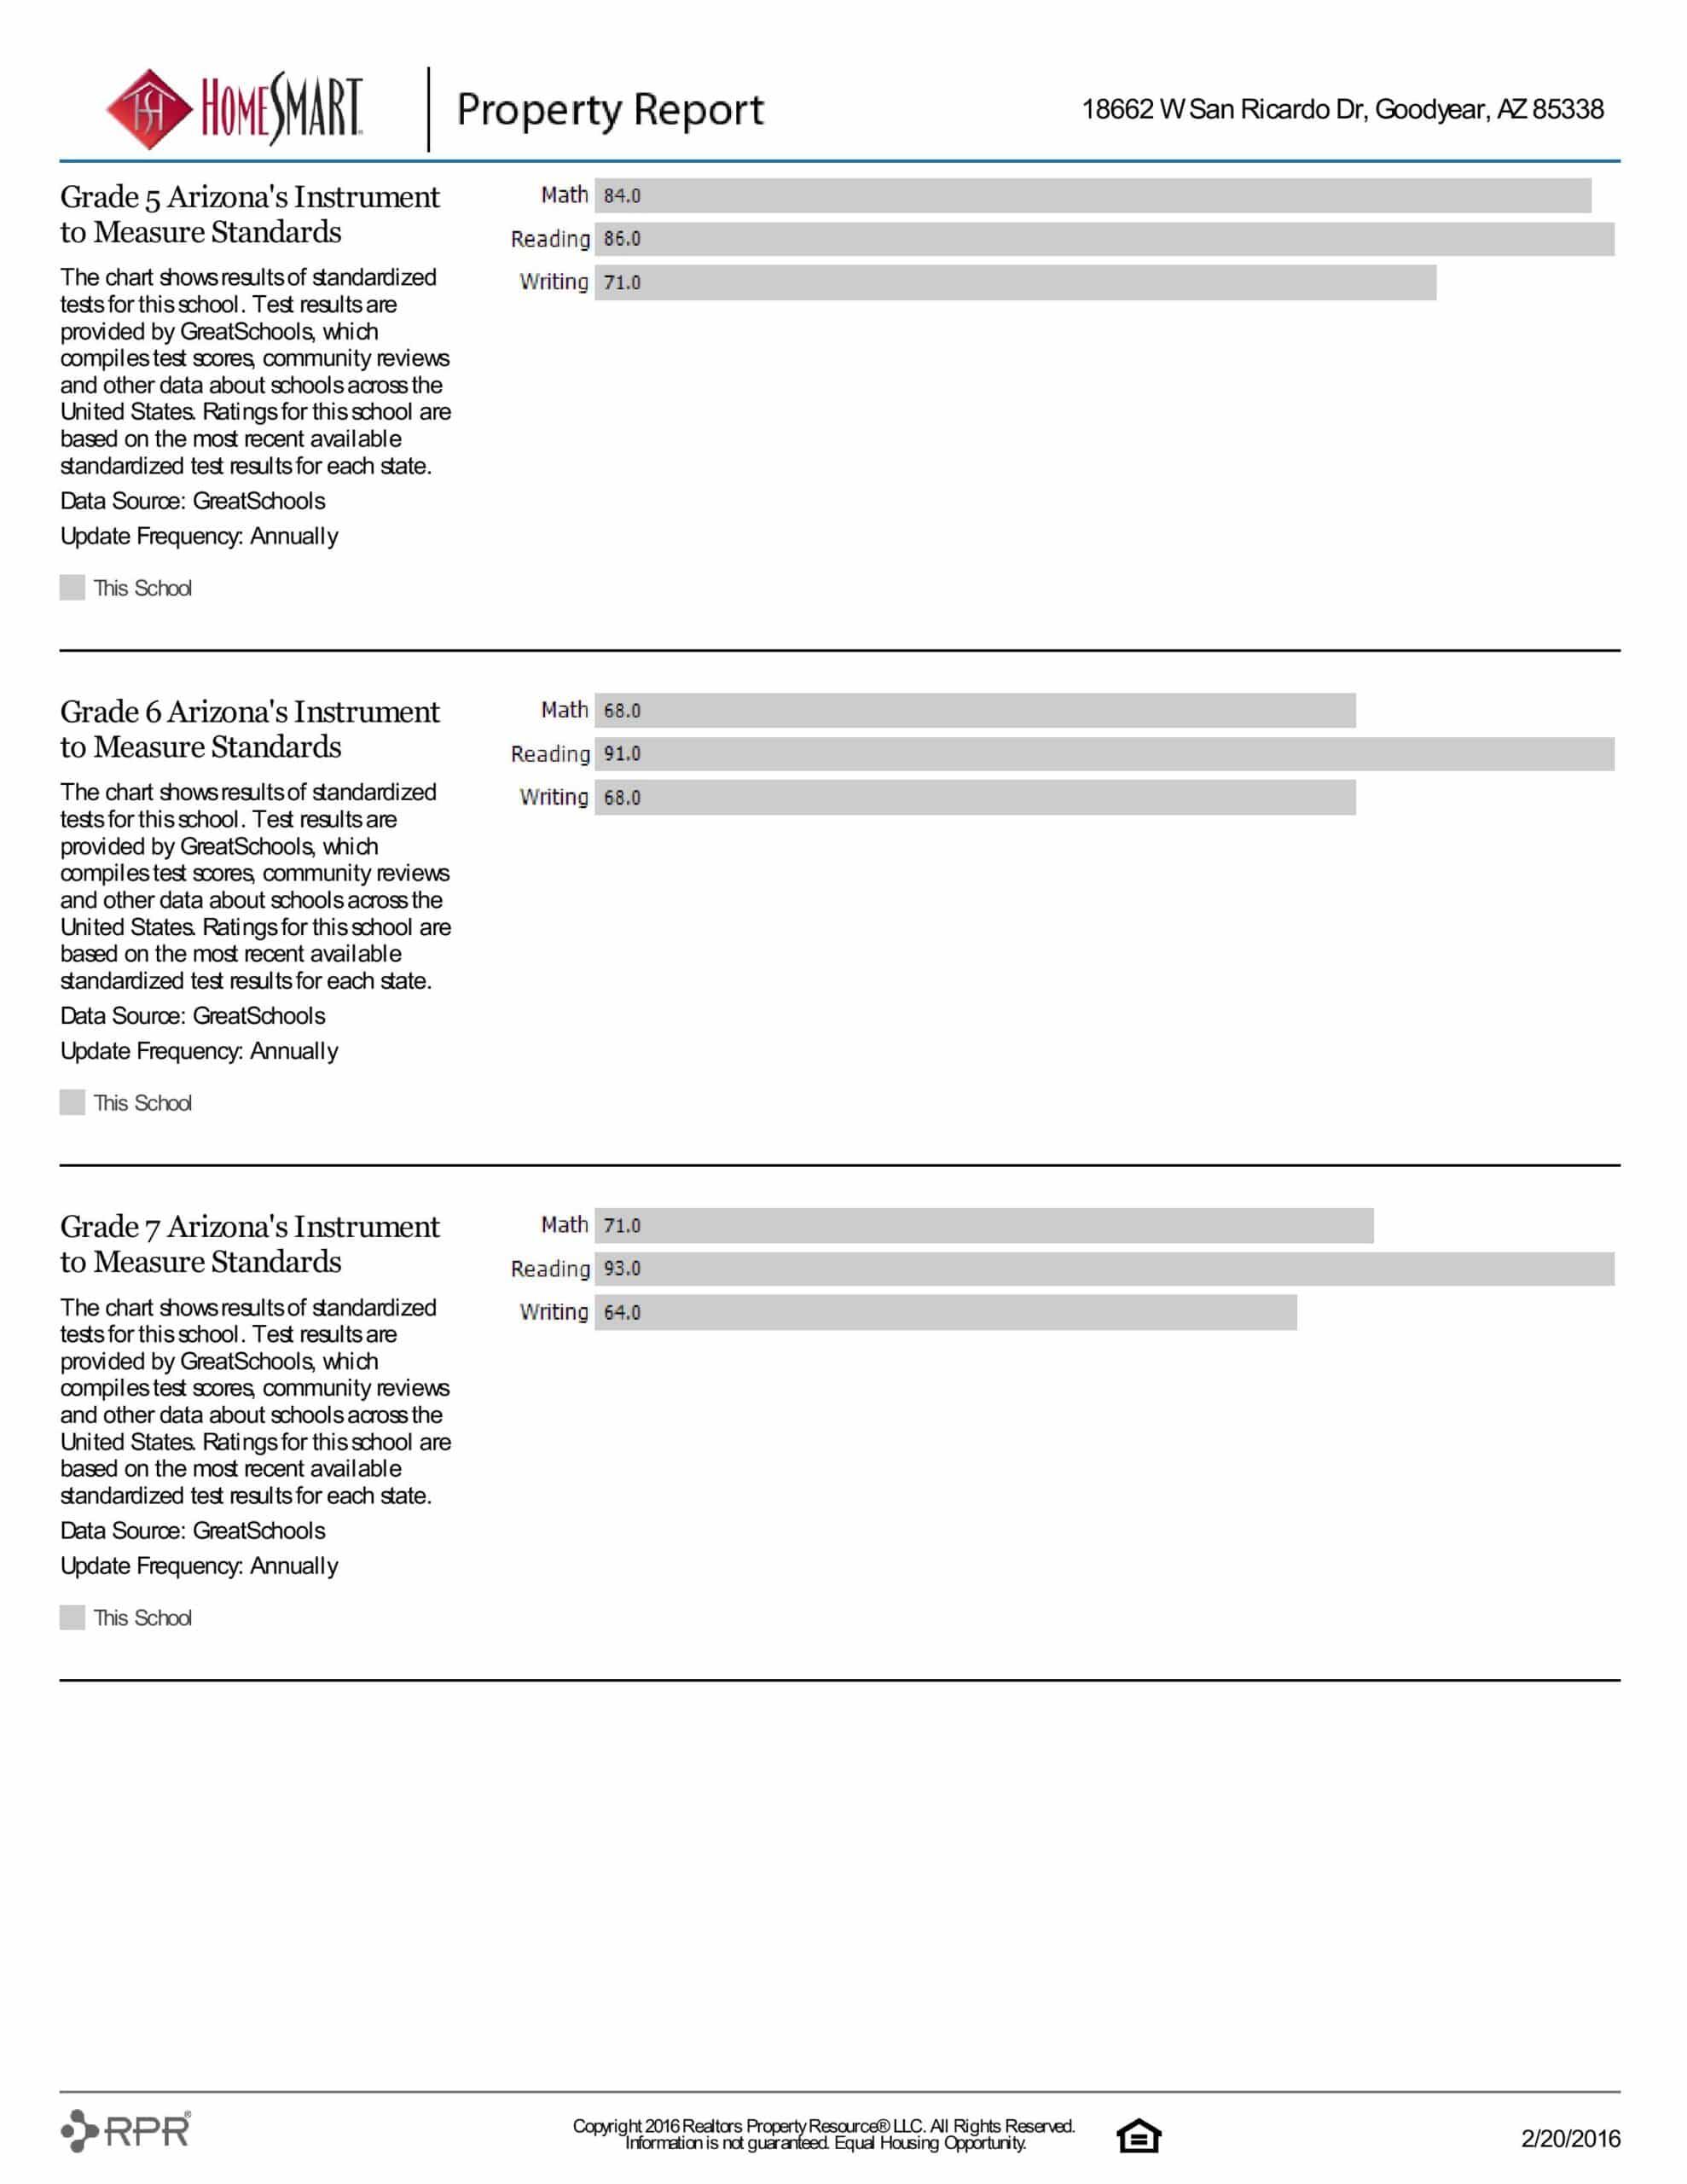 18662 W SAN RICARDO DR PROPERTY REPORT-page-039